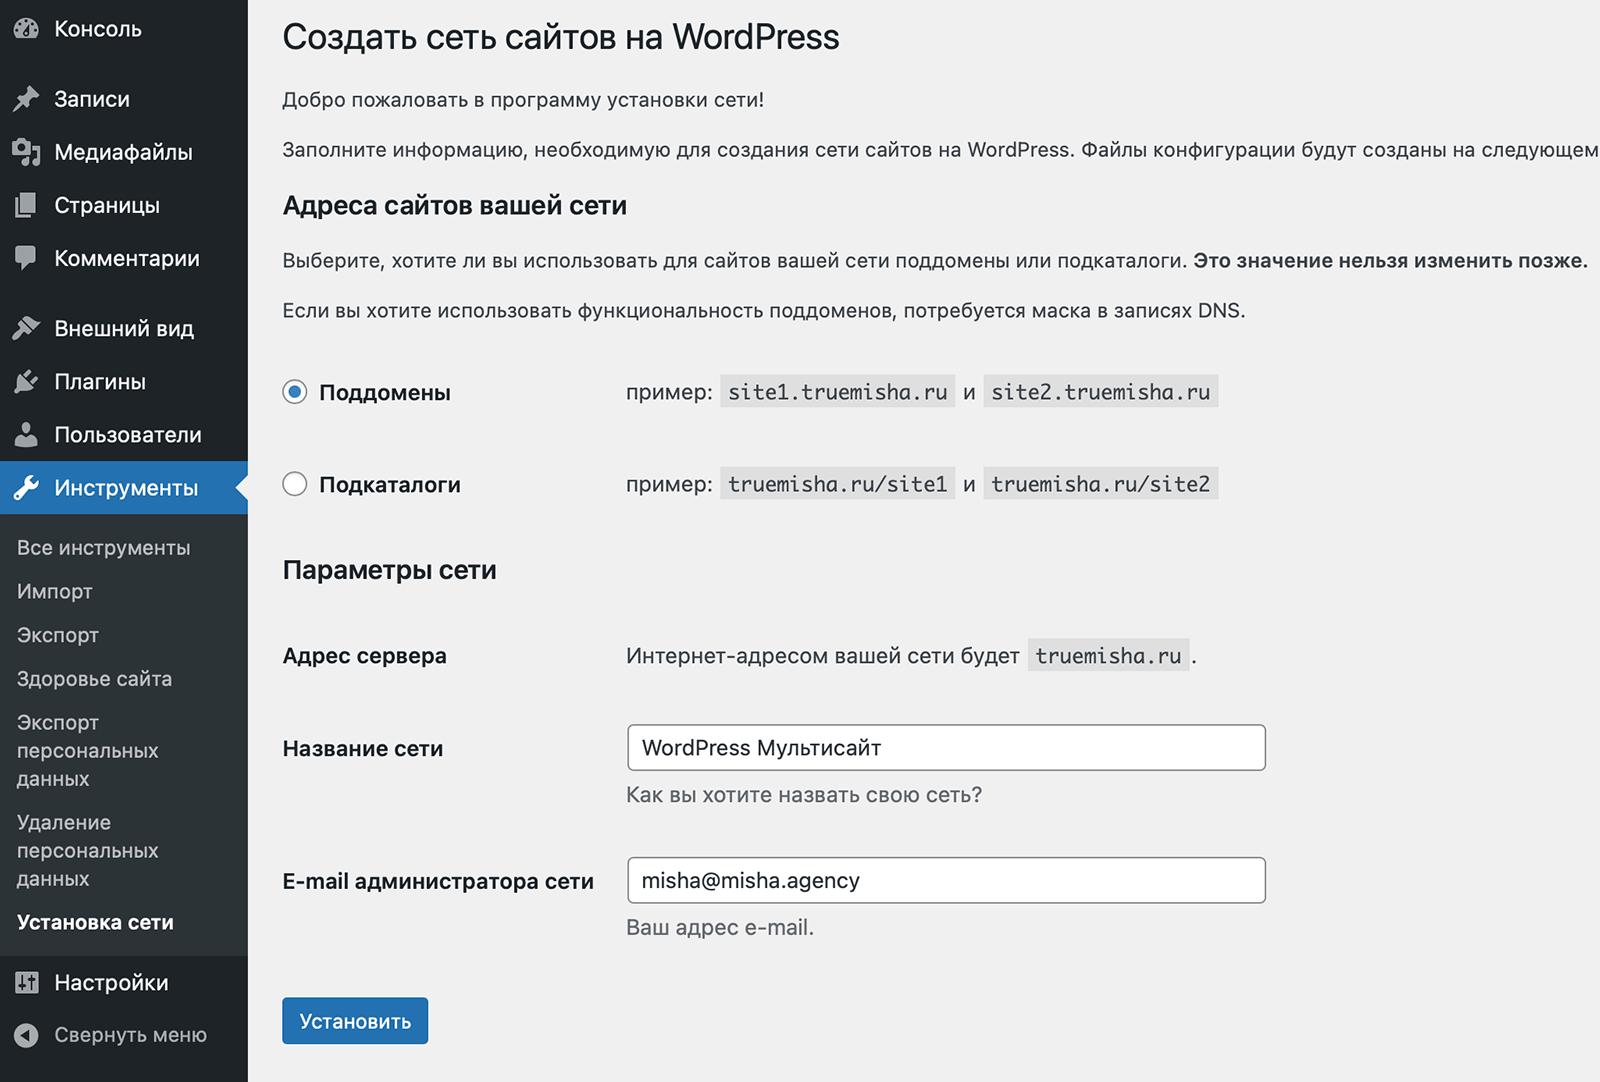 Установка сети WordPress Multisite